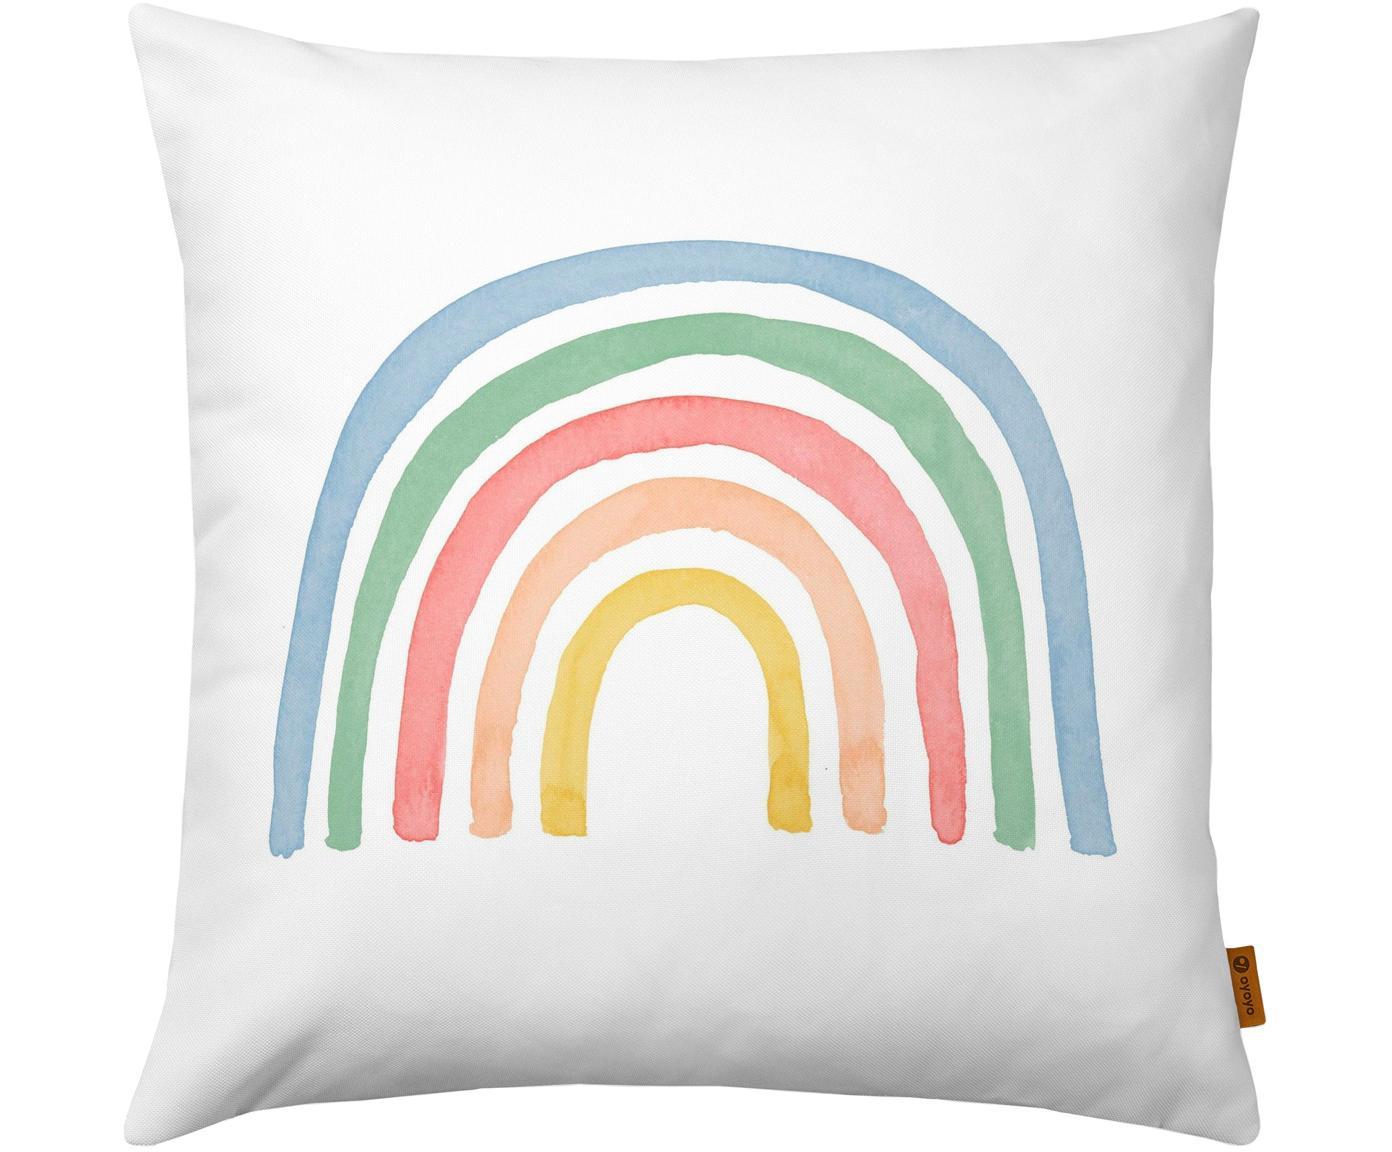 Poszewka na poduszkę Rainbow, Bawełna, Biały, wielobarwny, S 40 x D 40 cm